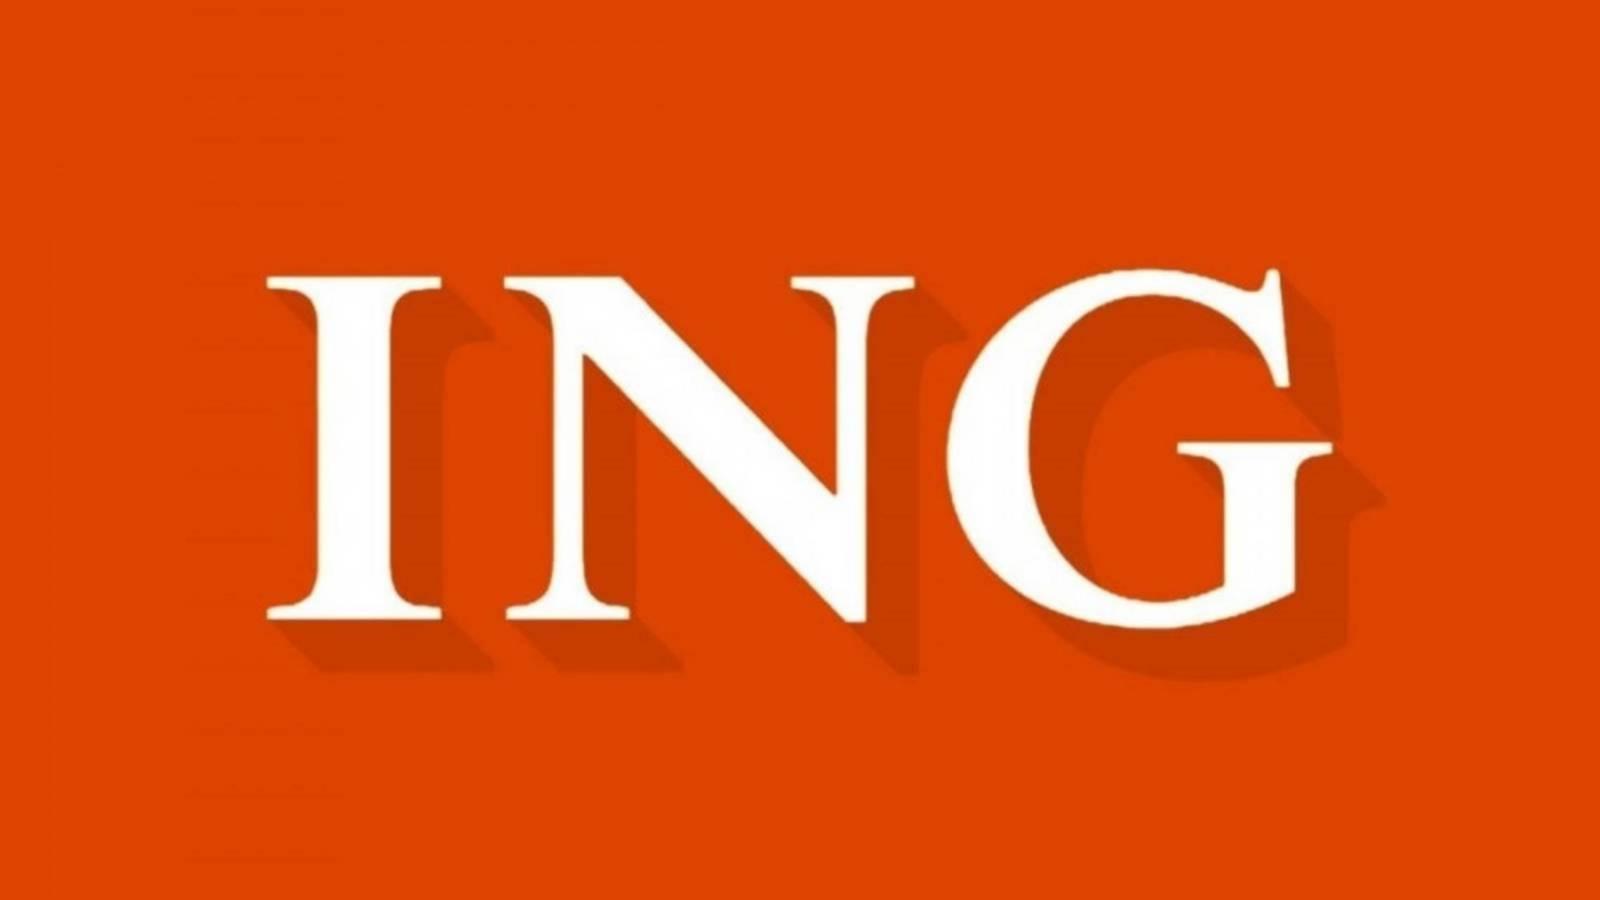 ING Bank reaplicare